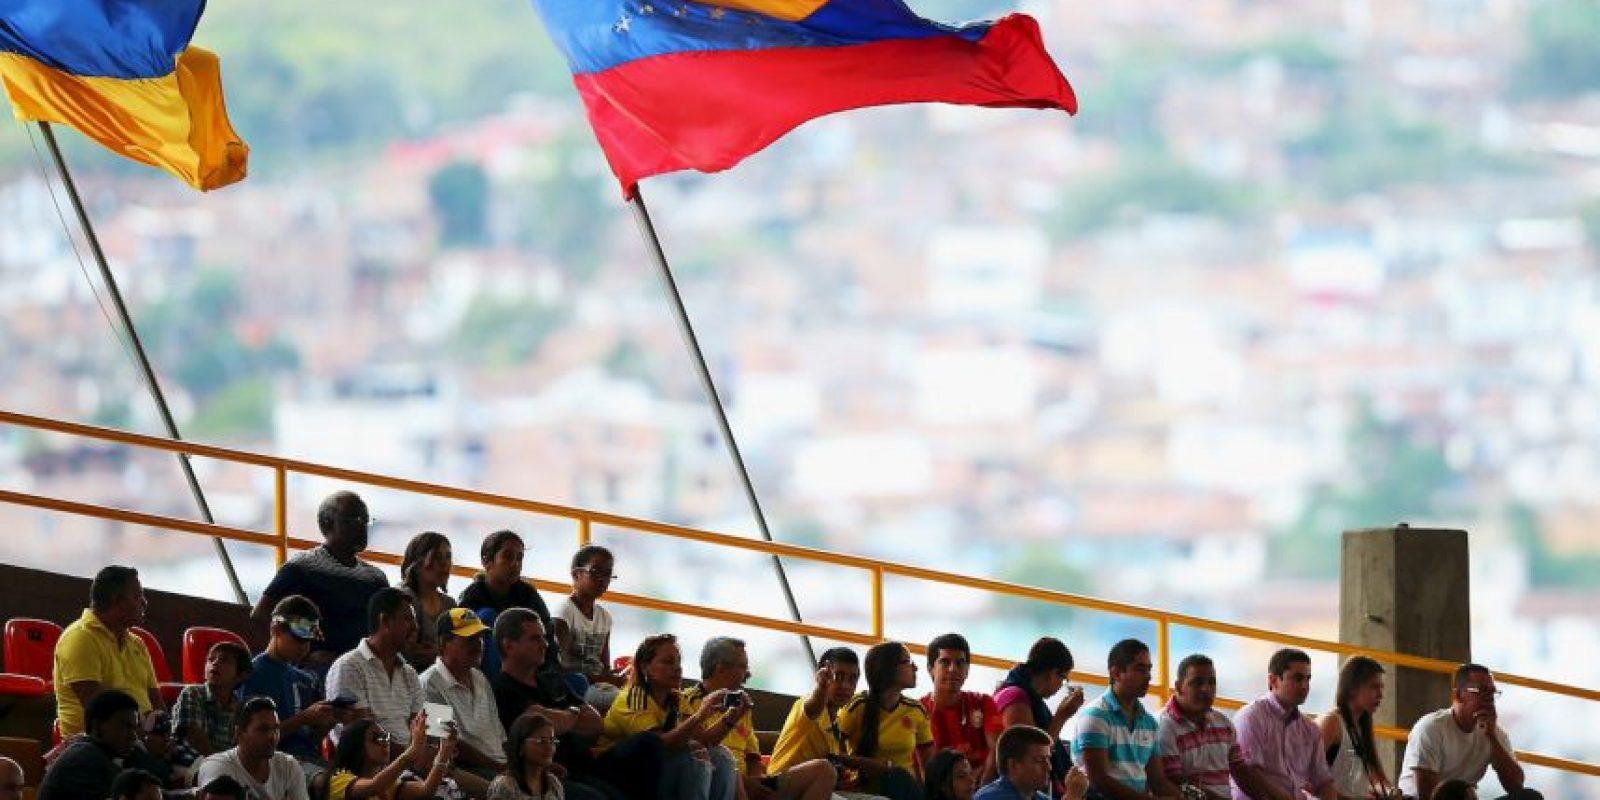 Cali, (Colombia) tiene una tasa de 65.25 por ciento de homicidios, de un un total de 100 mil habitantes, dejando a la ciudad en novena posición. Foto:Getty Images